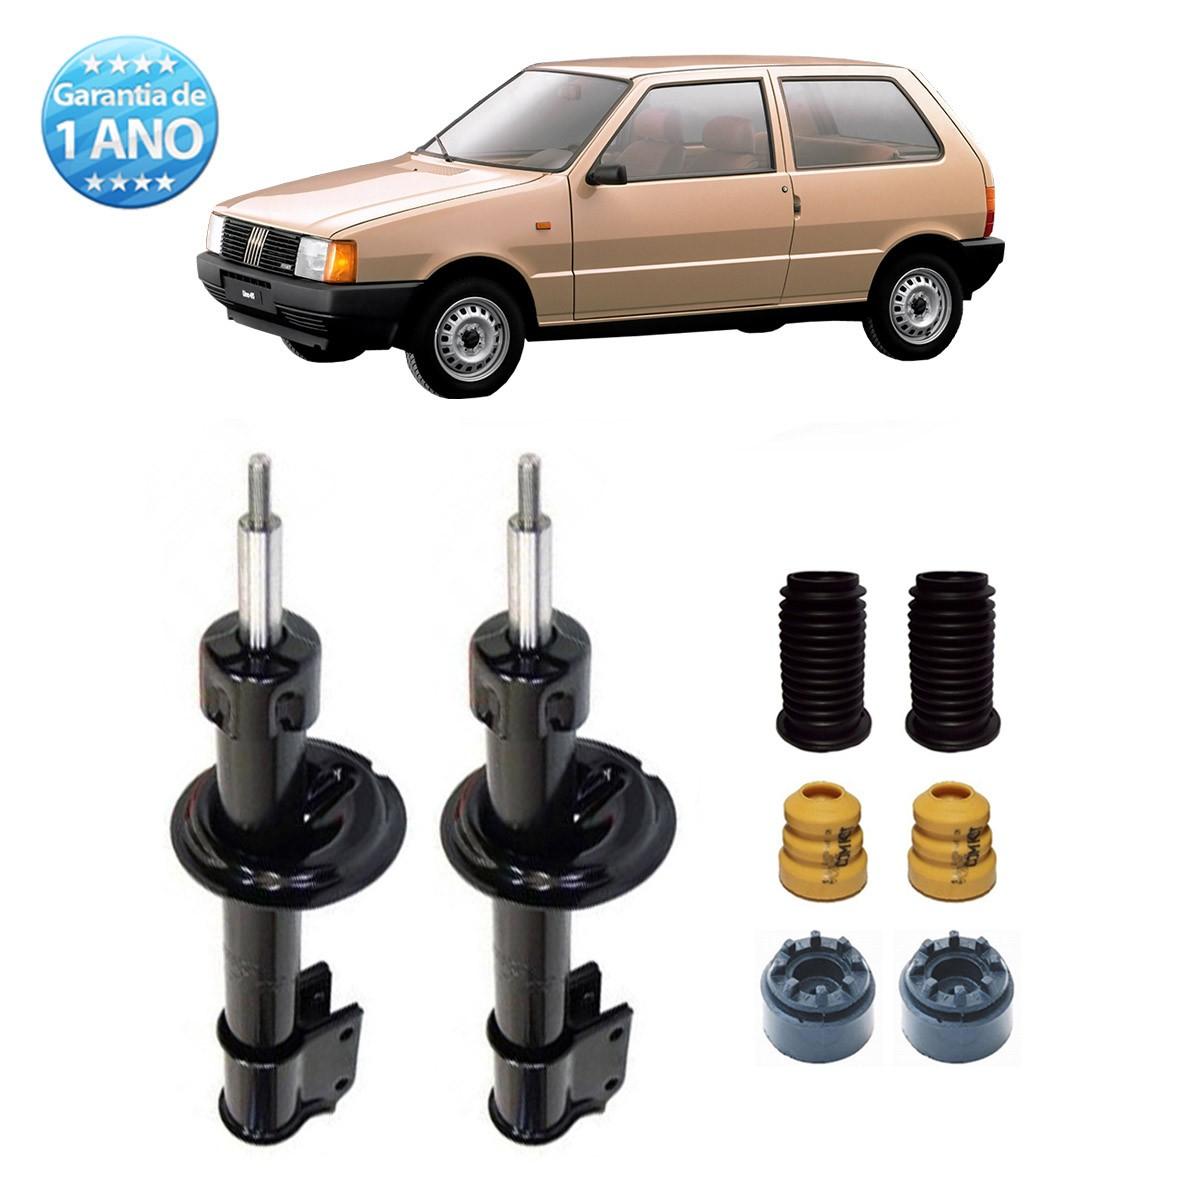 Par de Amortecedores Dianteiro Remanufaturados Fiat Uno S Cs Mille Fire 1989 Até 1992 + Kit da Suspensão